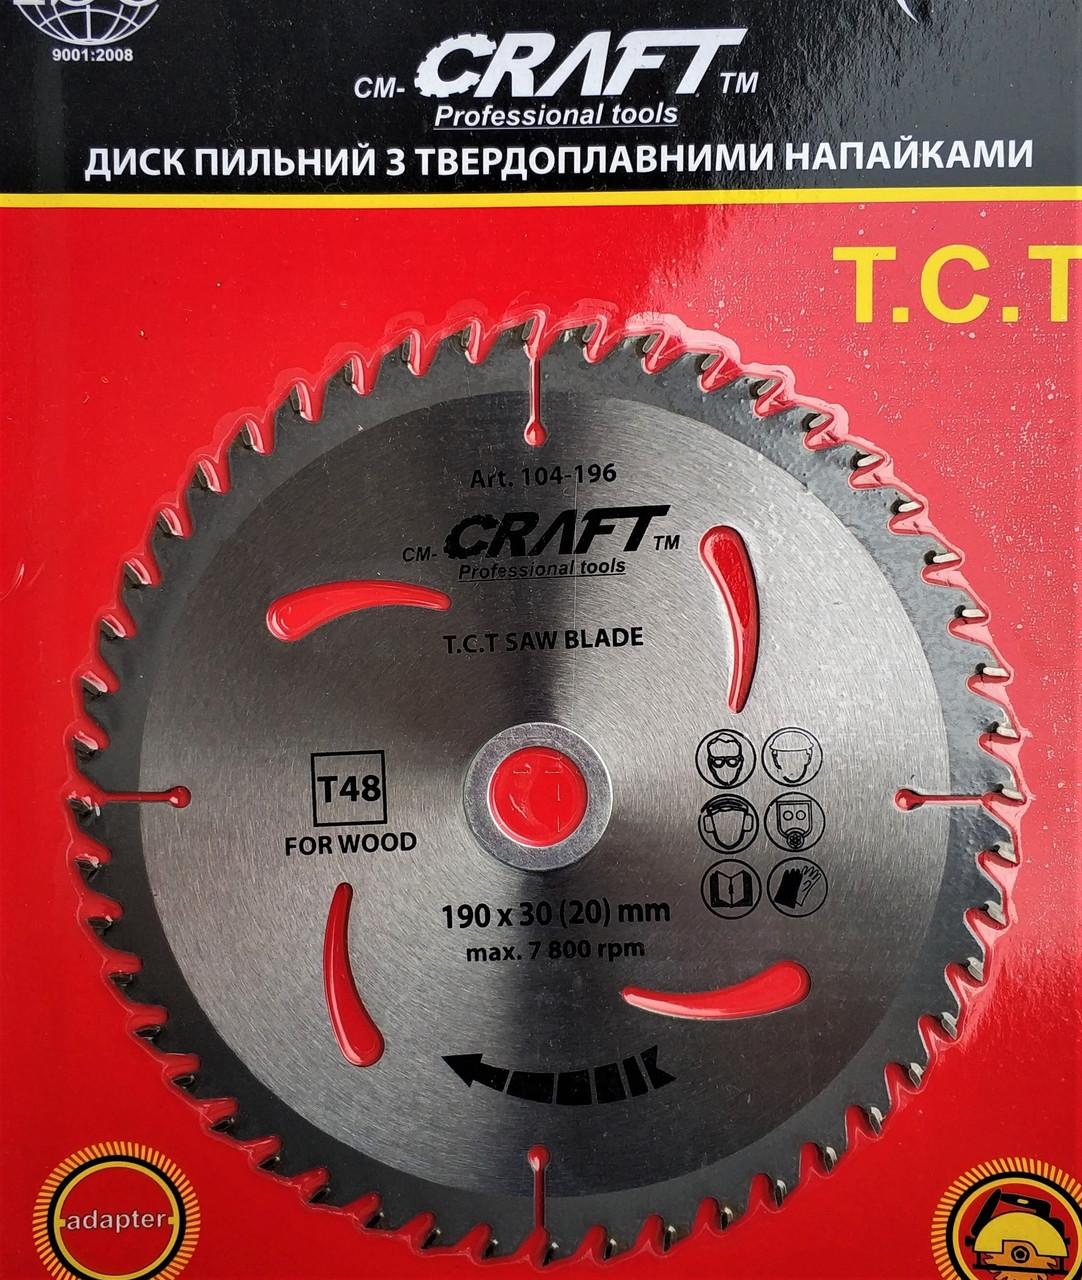 104209 Диск пильний  Prakta   Т.С.Т. для дерева 210*30мм*36Т